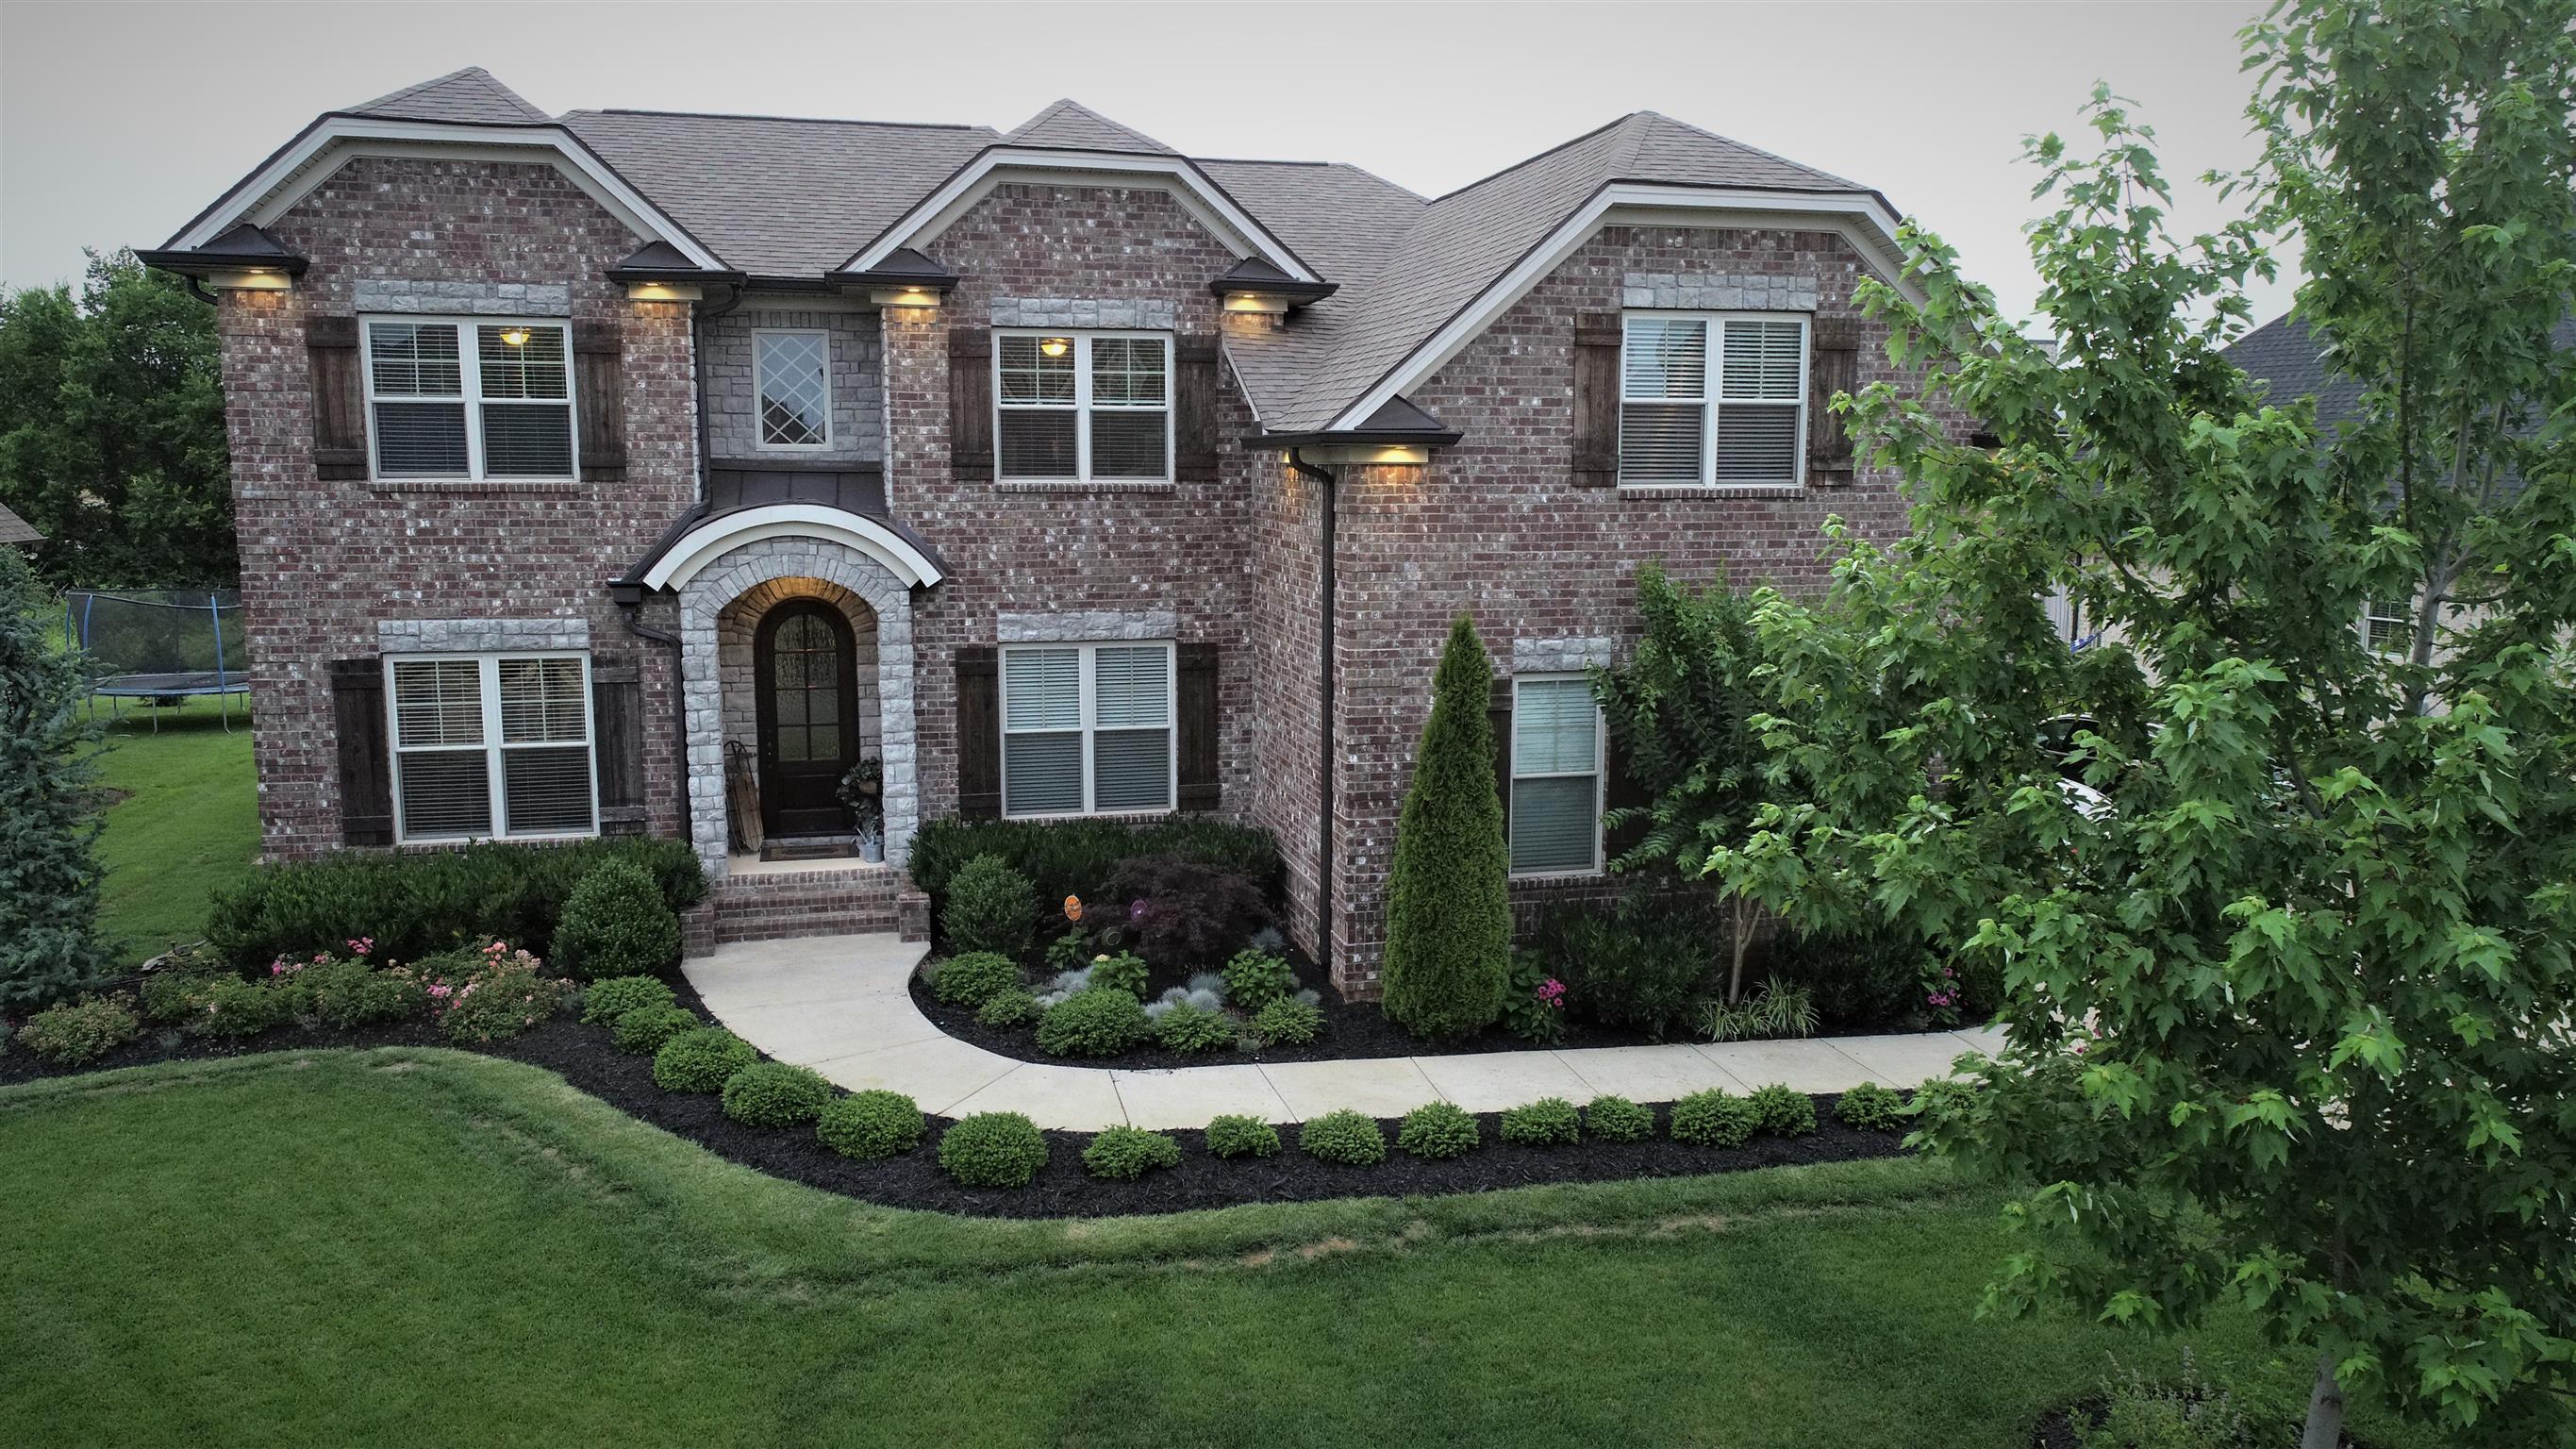 3207 Folcroft Dr, Murfreesboro, TN 37130 - Murfreesboro, TN real estate listing